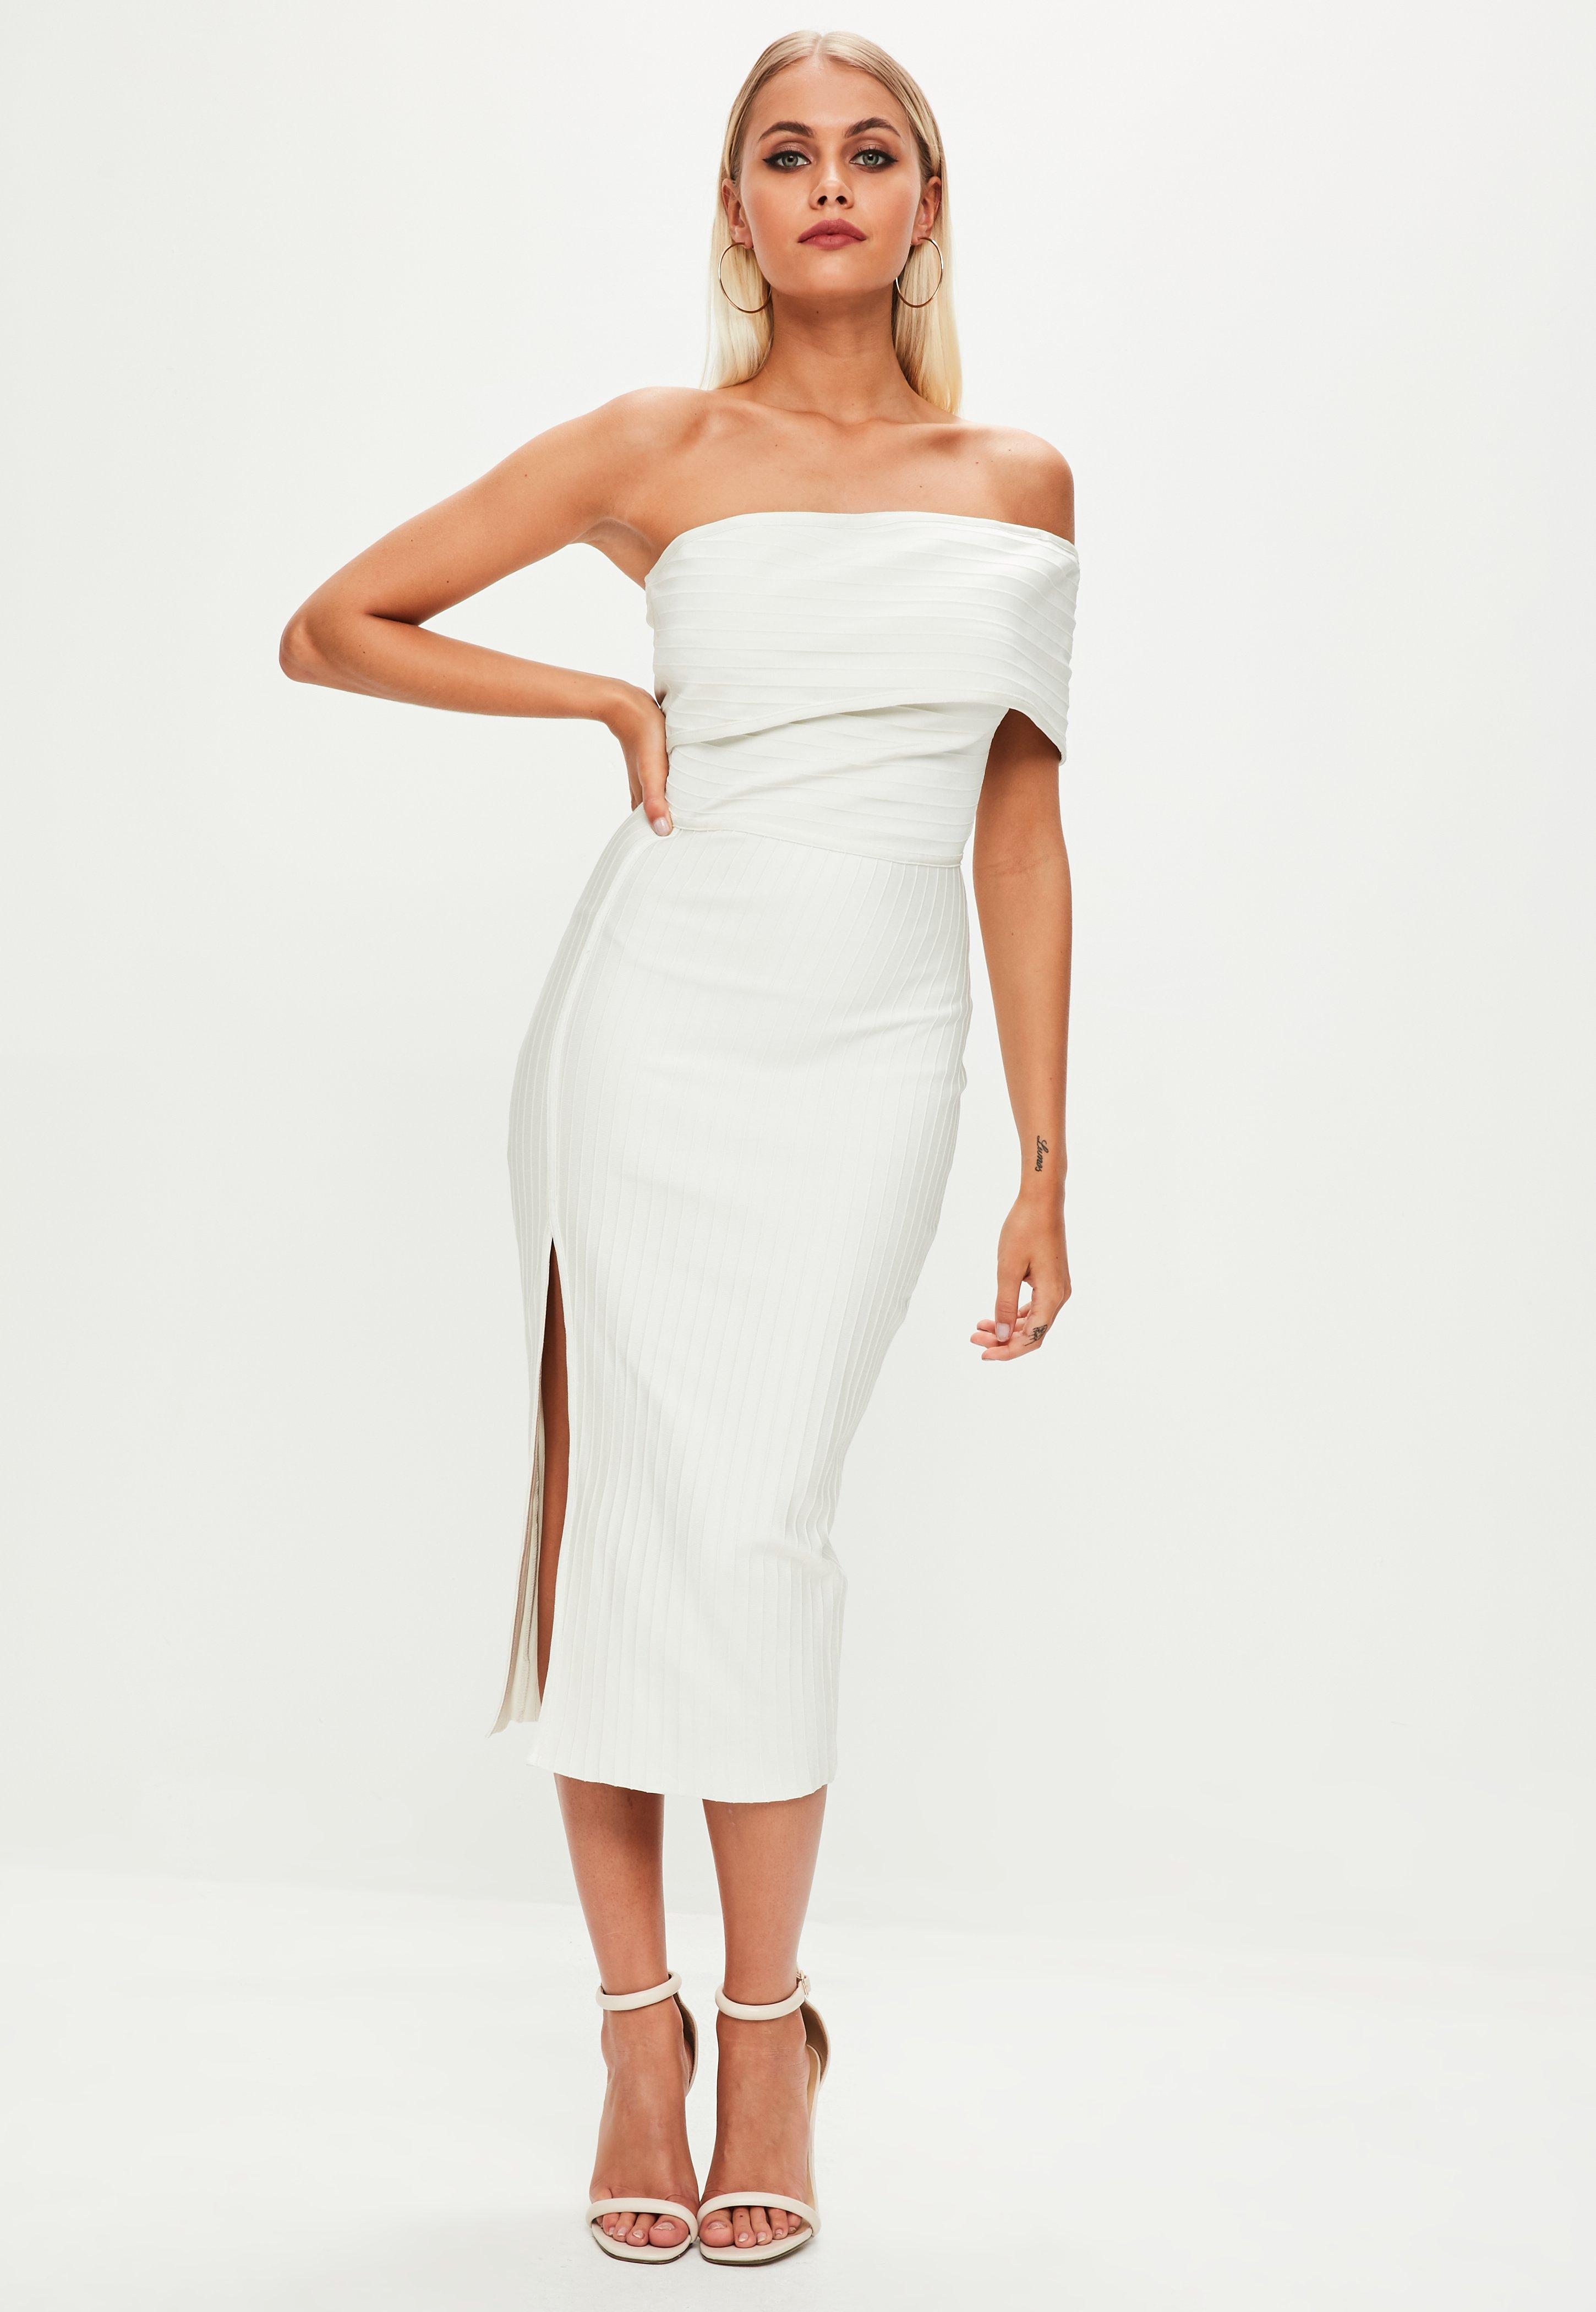 White One Shoulder Dresses for Women